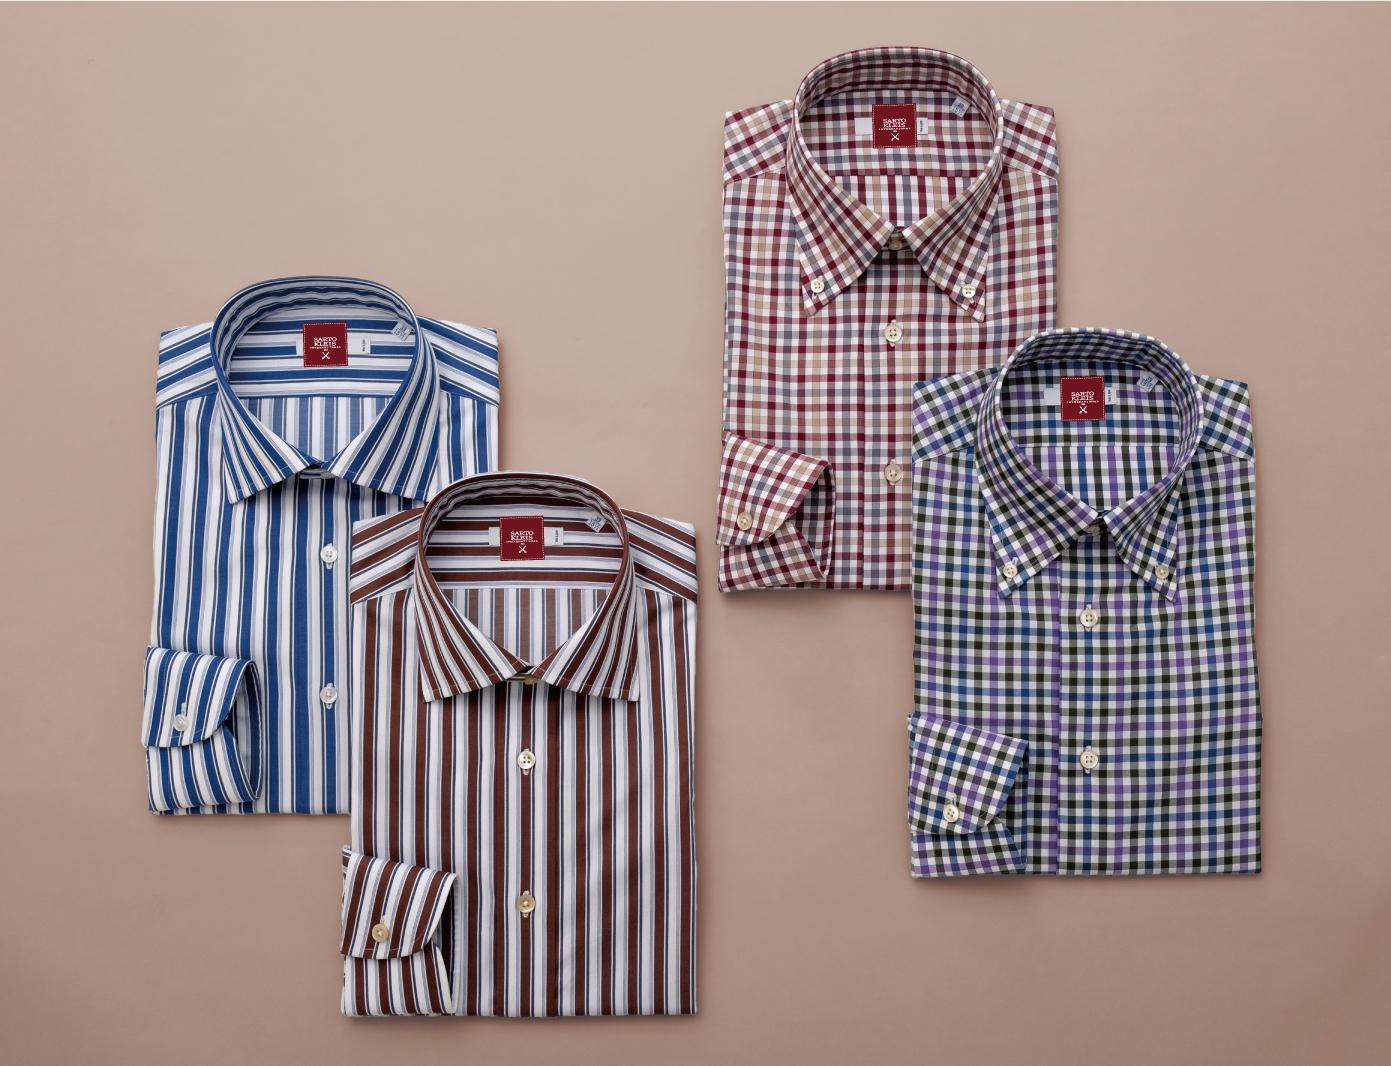 2019AW ordershirts sample tag02 - オーダーシャツクーポン